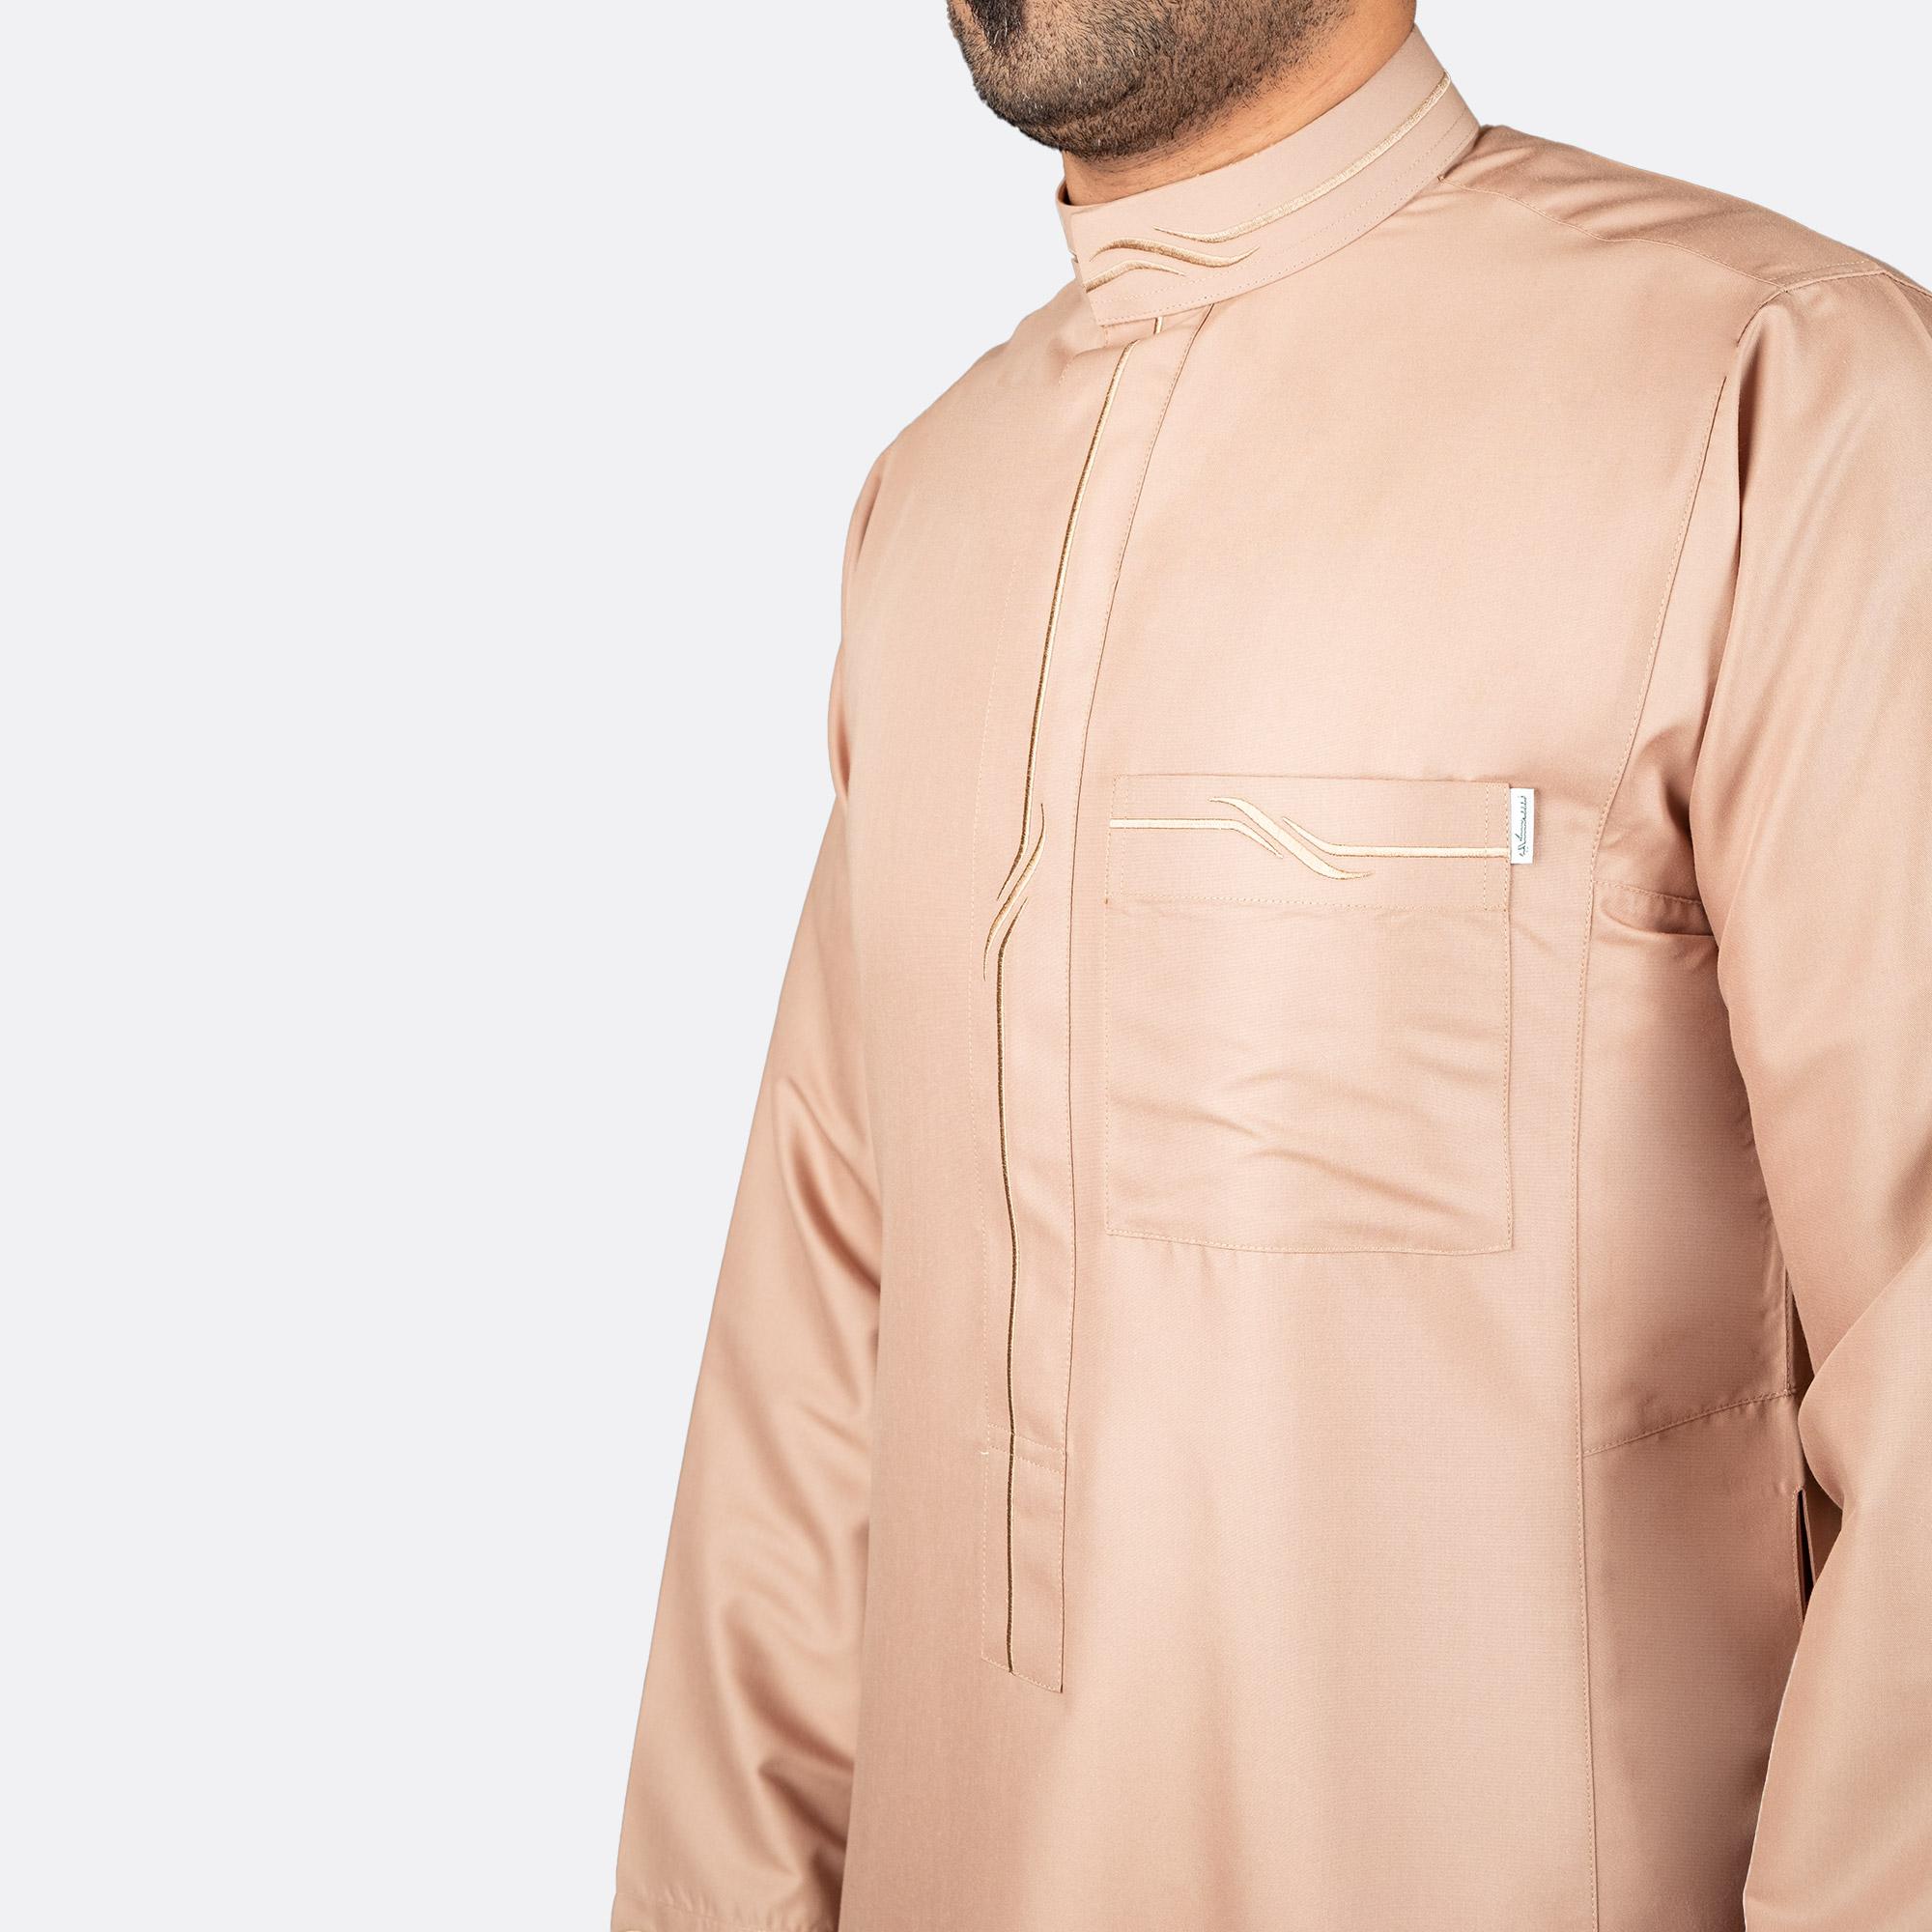 ثوب عصري مزخرف